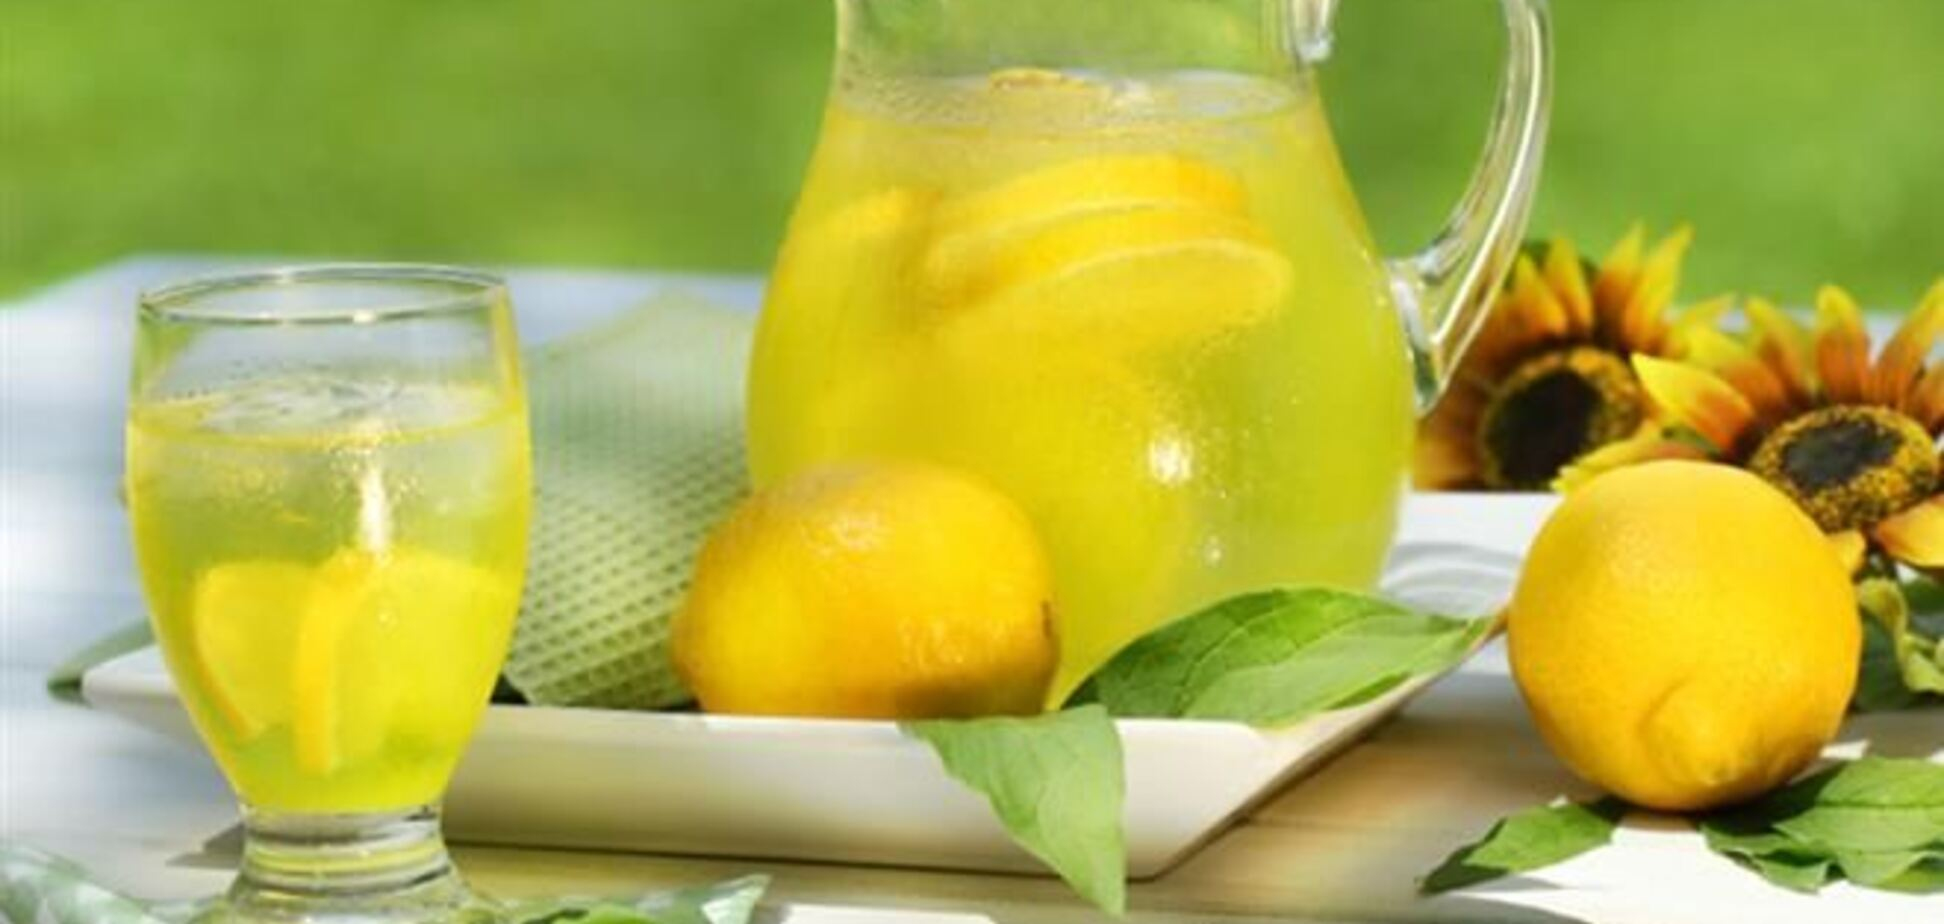 Ученые назвали лучший напиток от похмелья